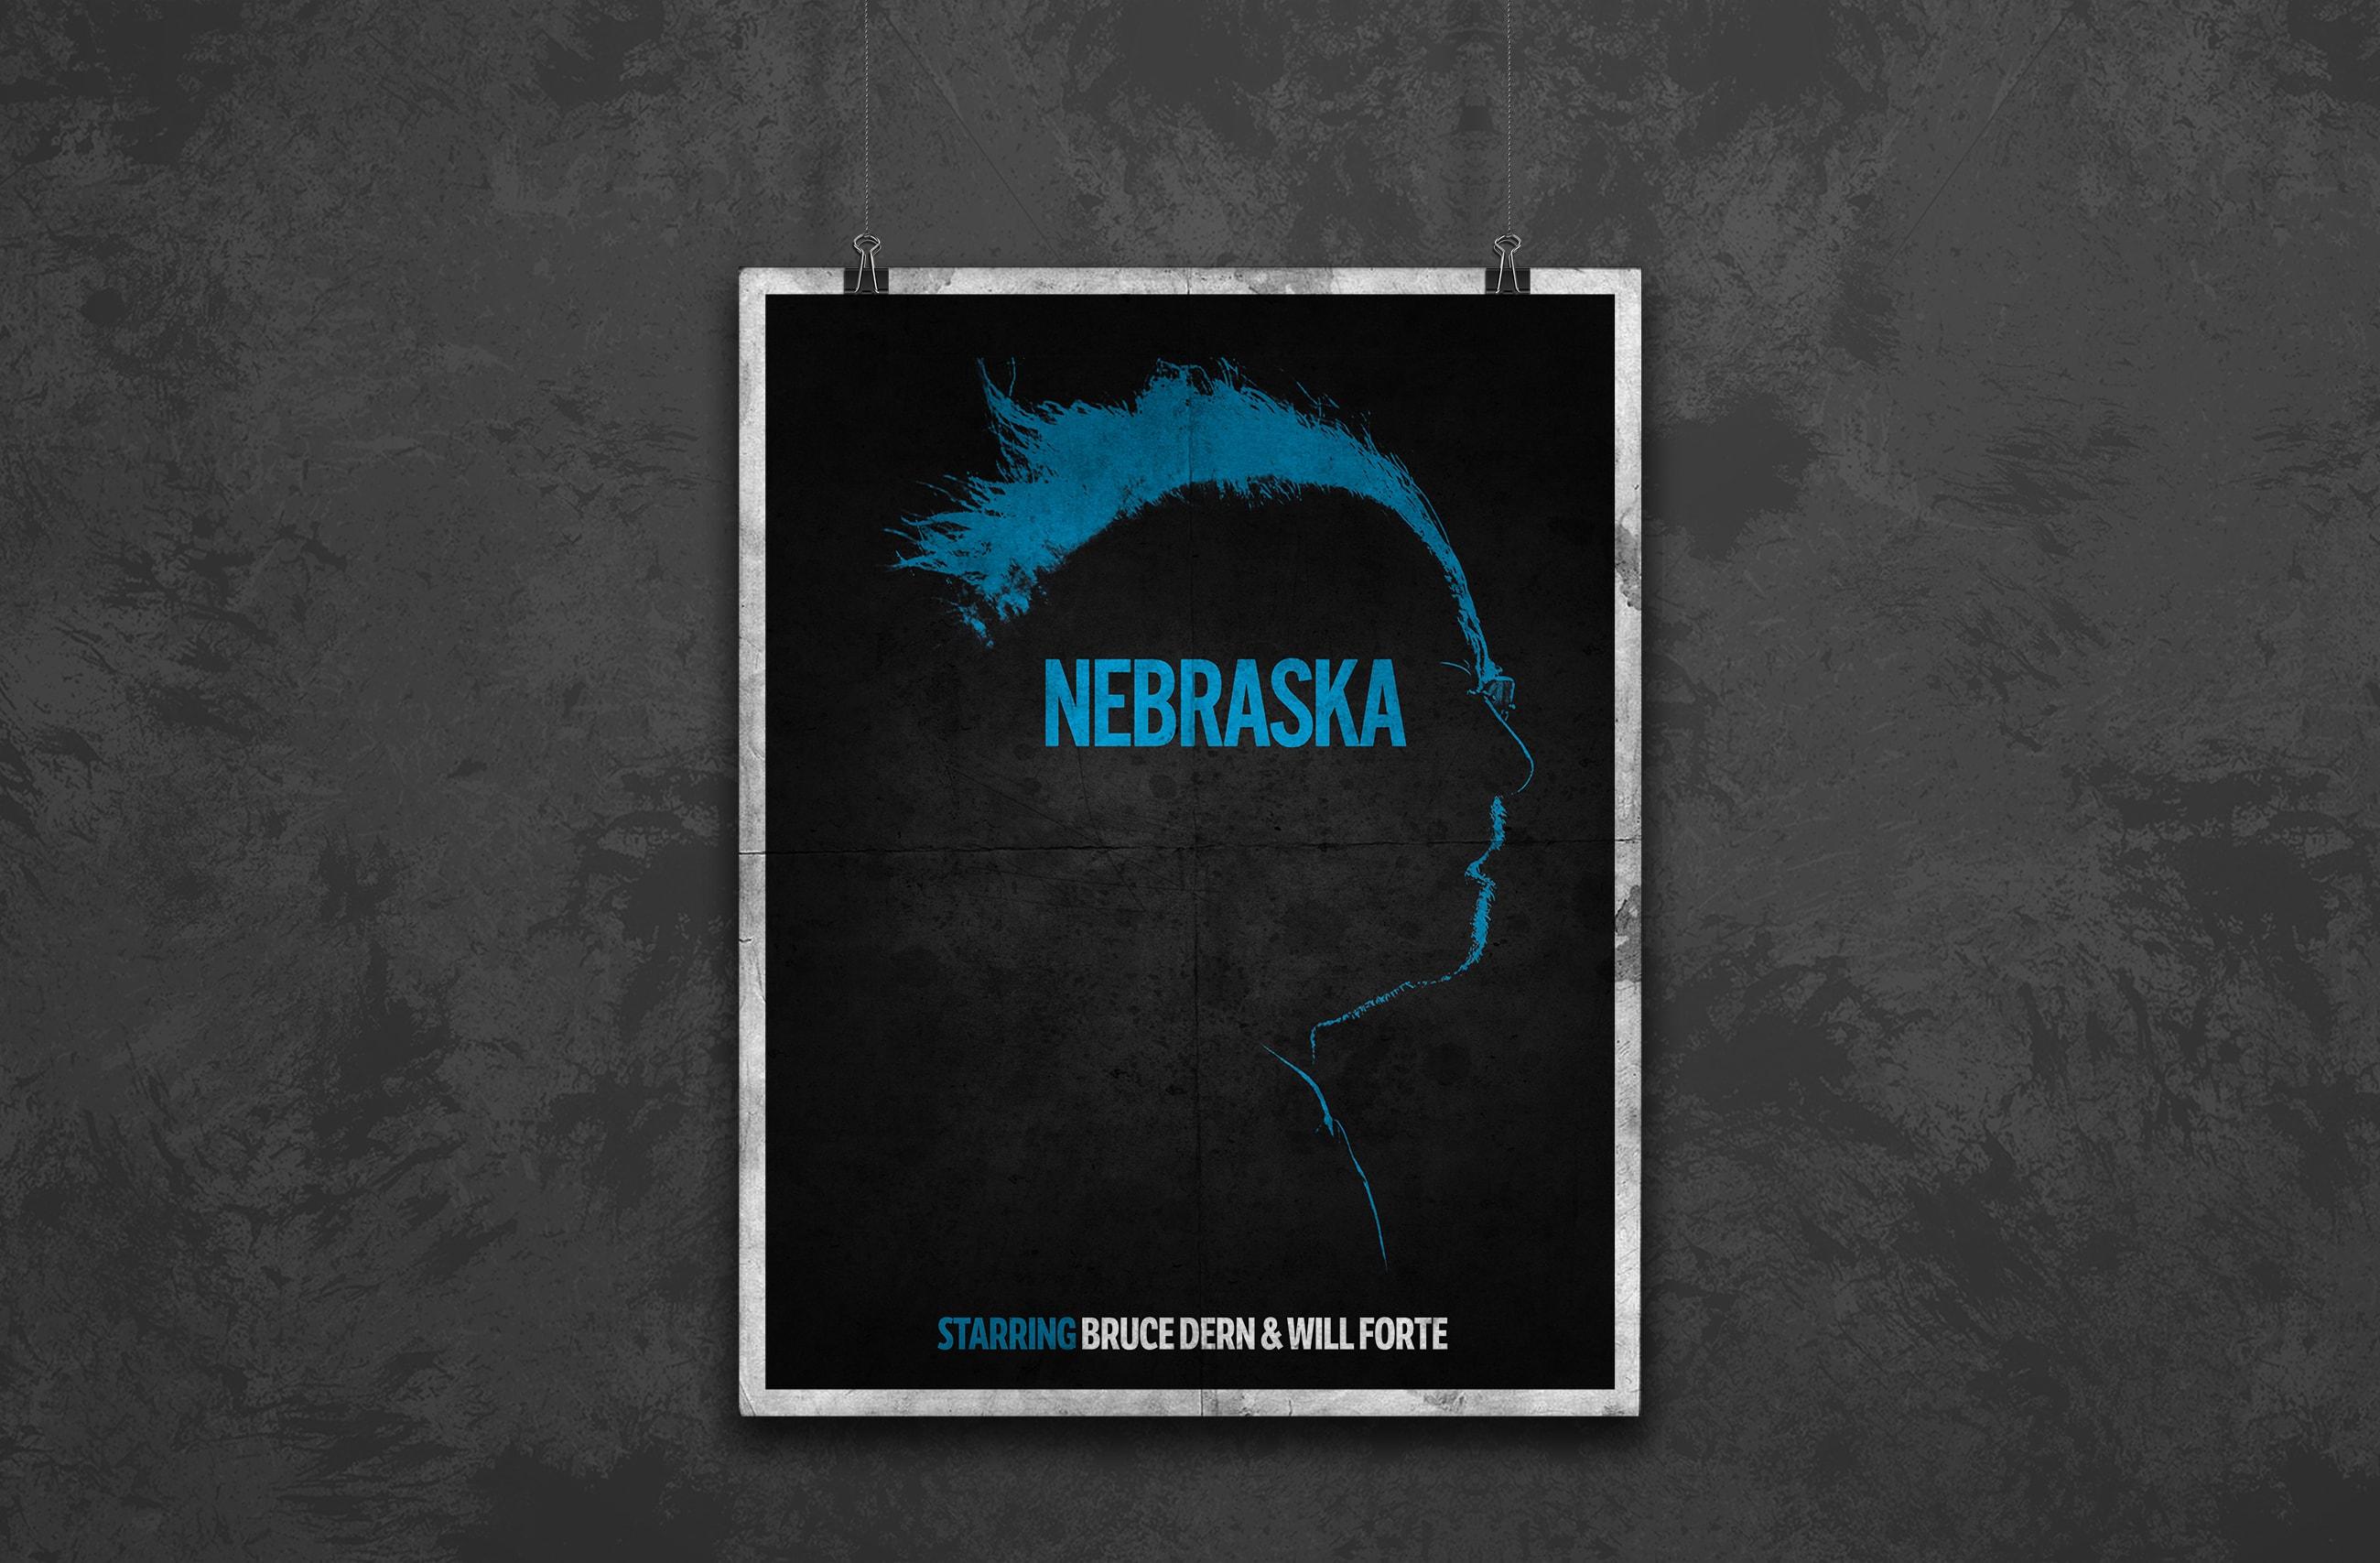 nebraska minimalist movie poster design